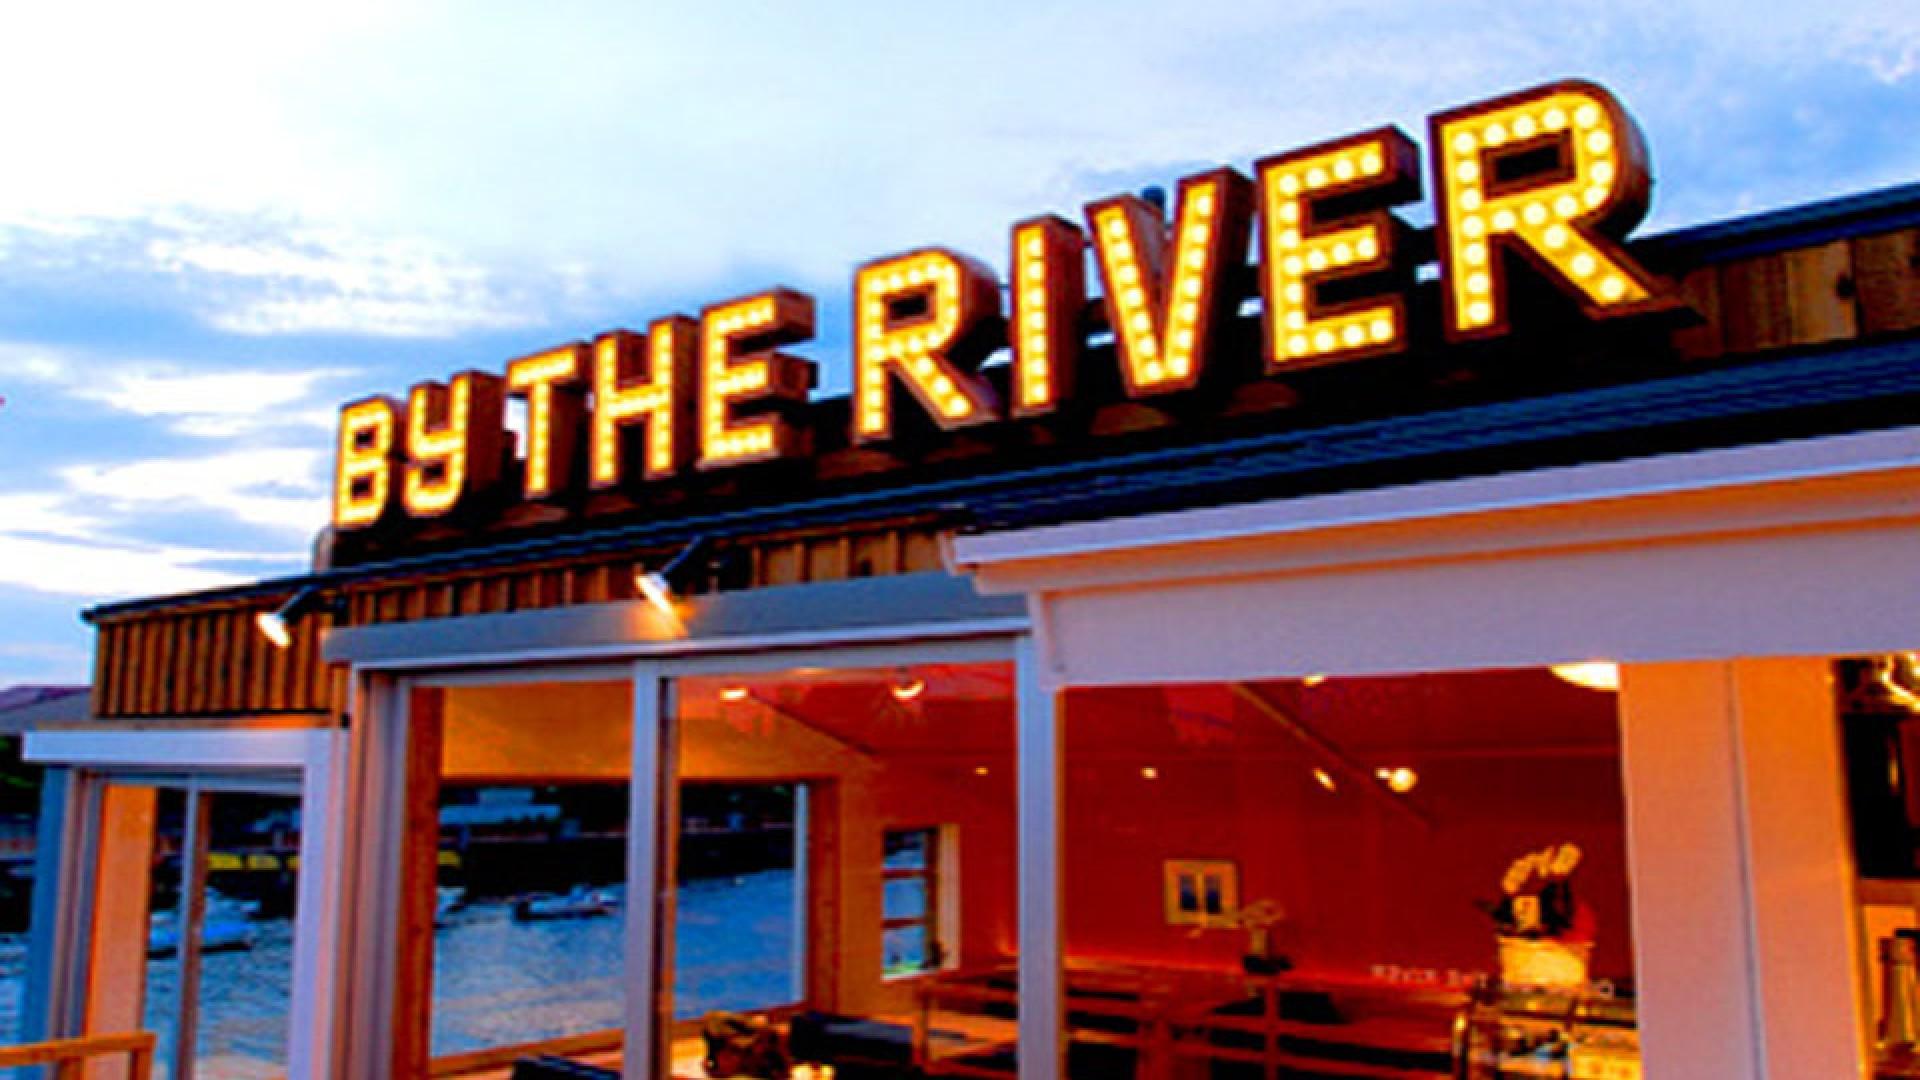 ร้านอาหาร DIEGO BY THE RIVER